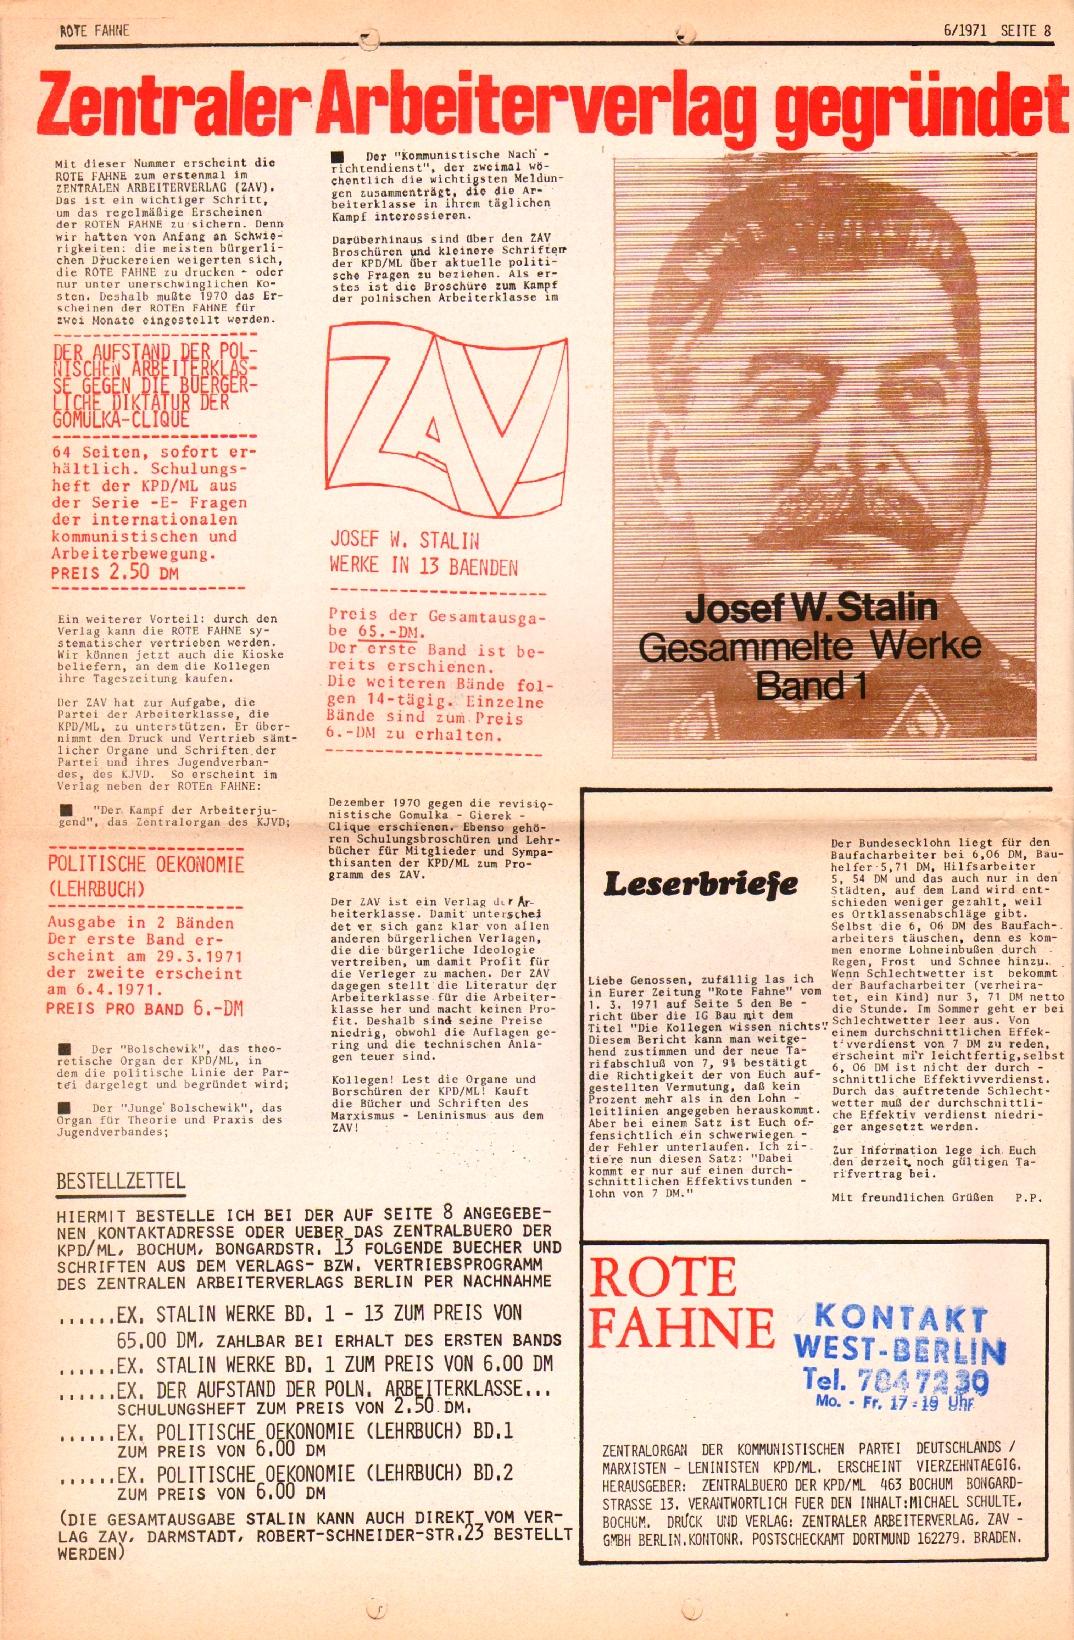 Rote Fahne, 2. Jg., 29.3.1971, Nr. 6, Seite 8